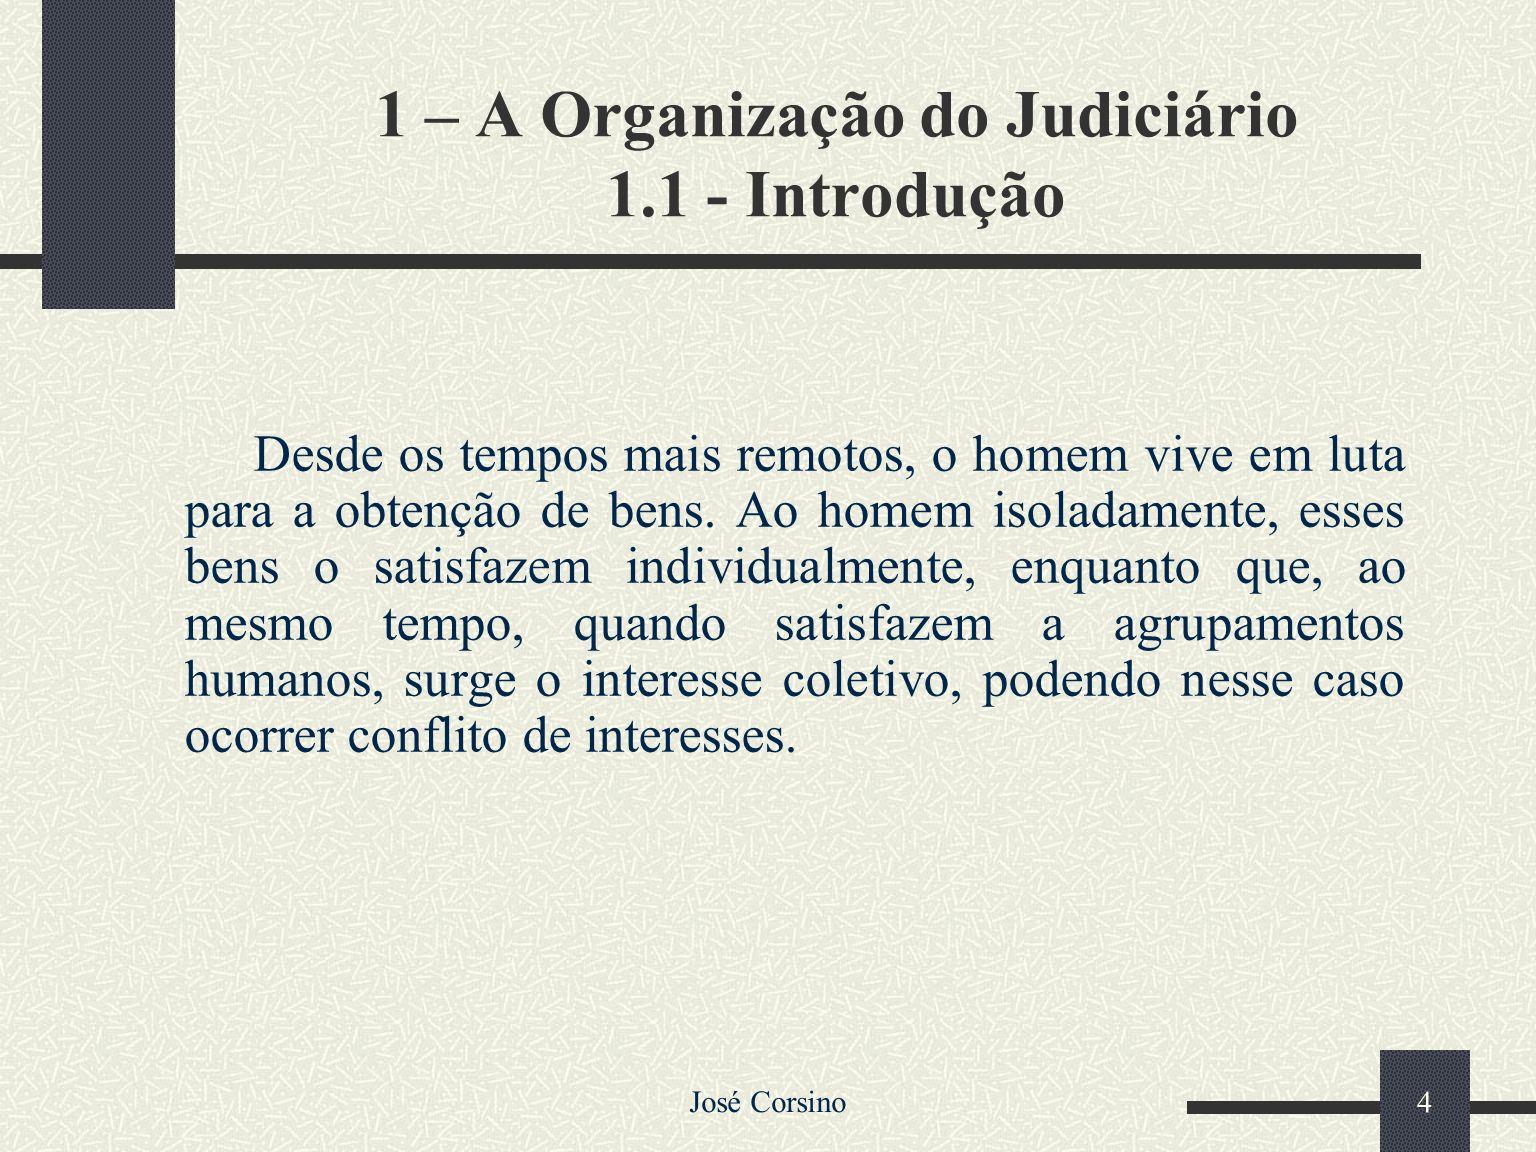 1 – A Organização do Judiciário 1.1 - Introdução